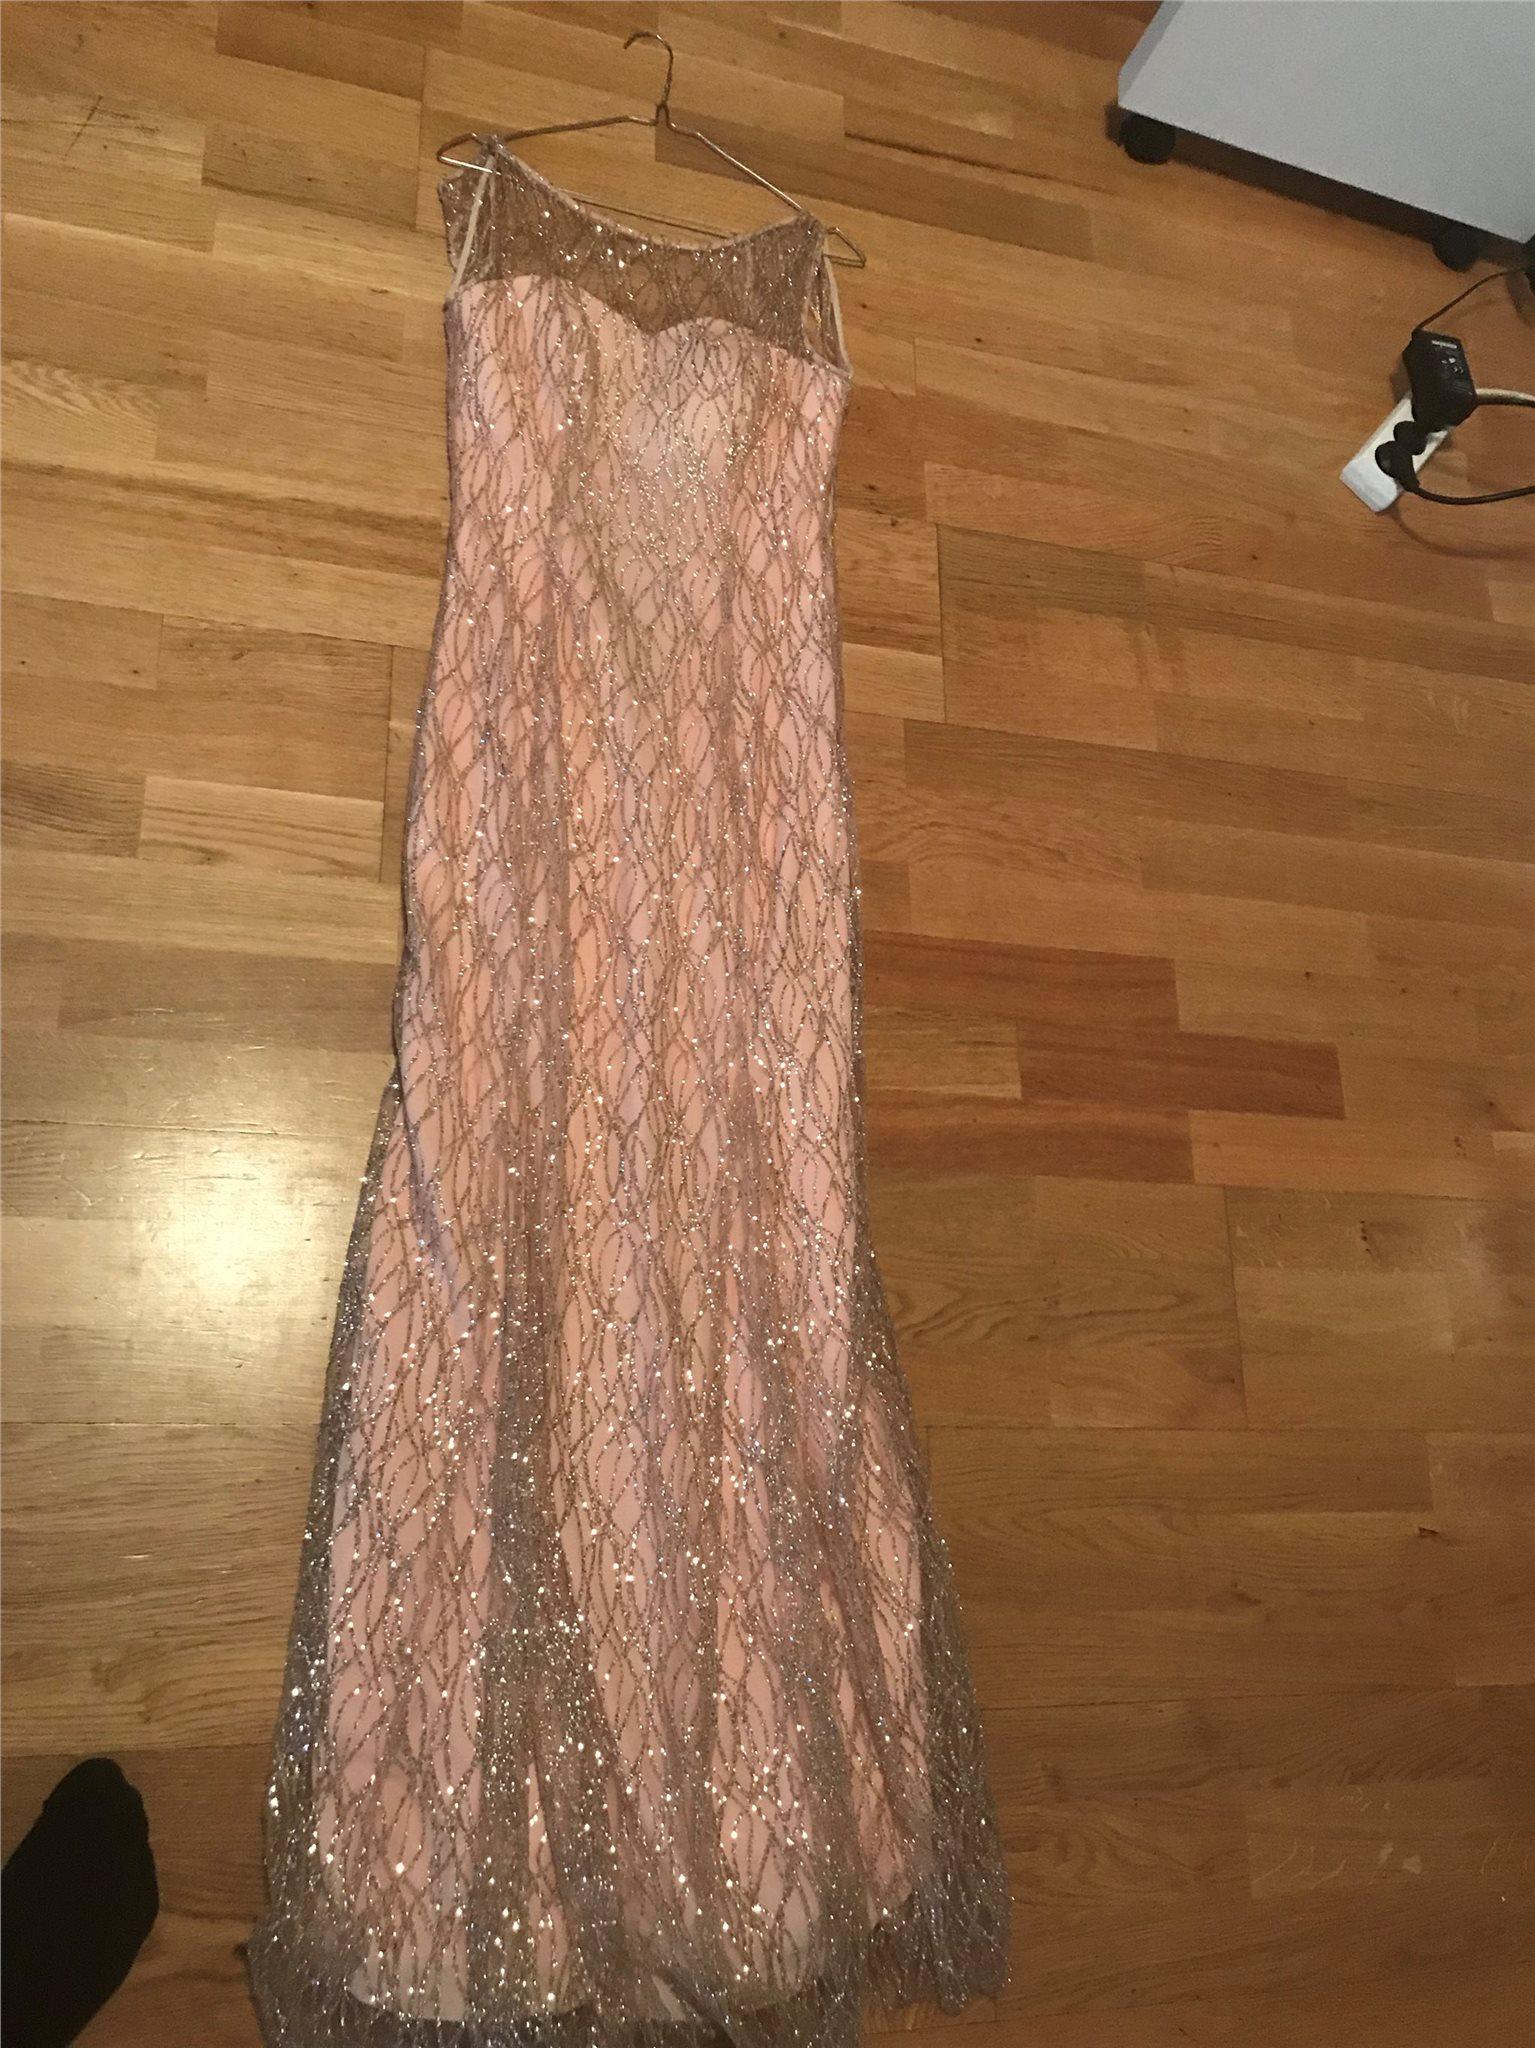 48061ebbc418 Bal och festklänning (341194063) ᐈ Köp på Tradera